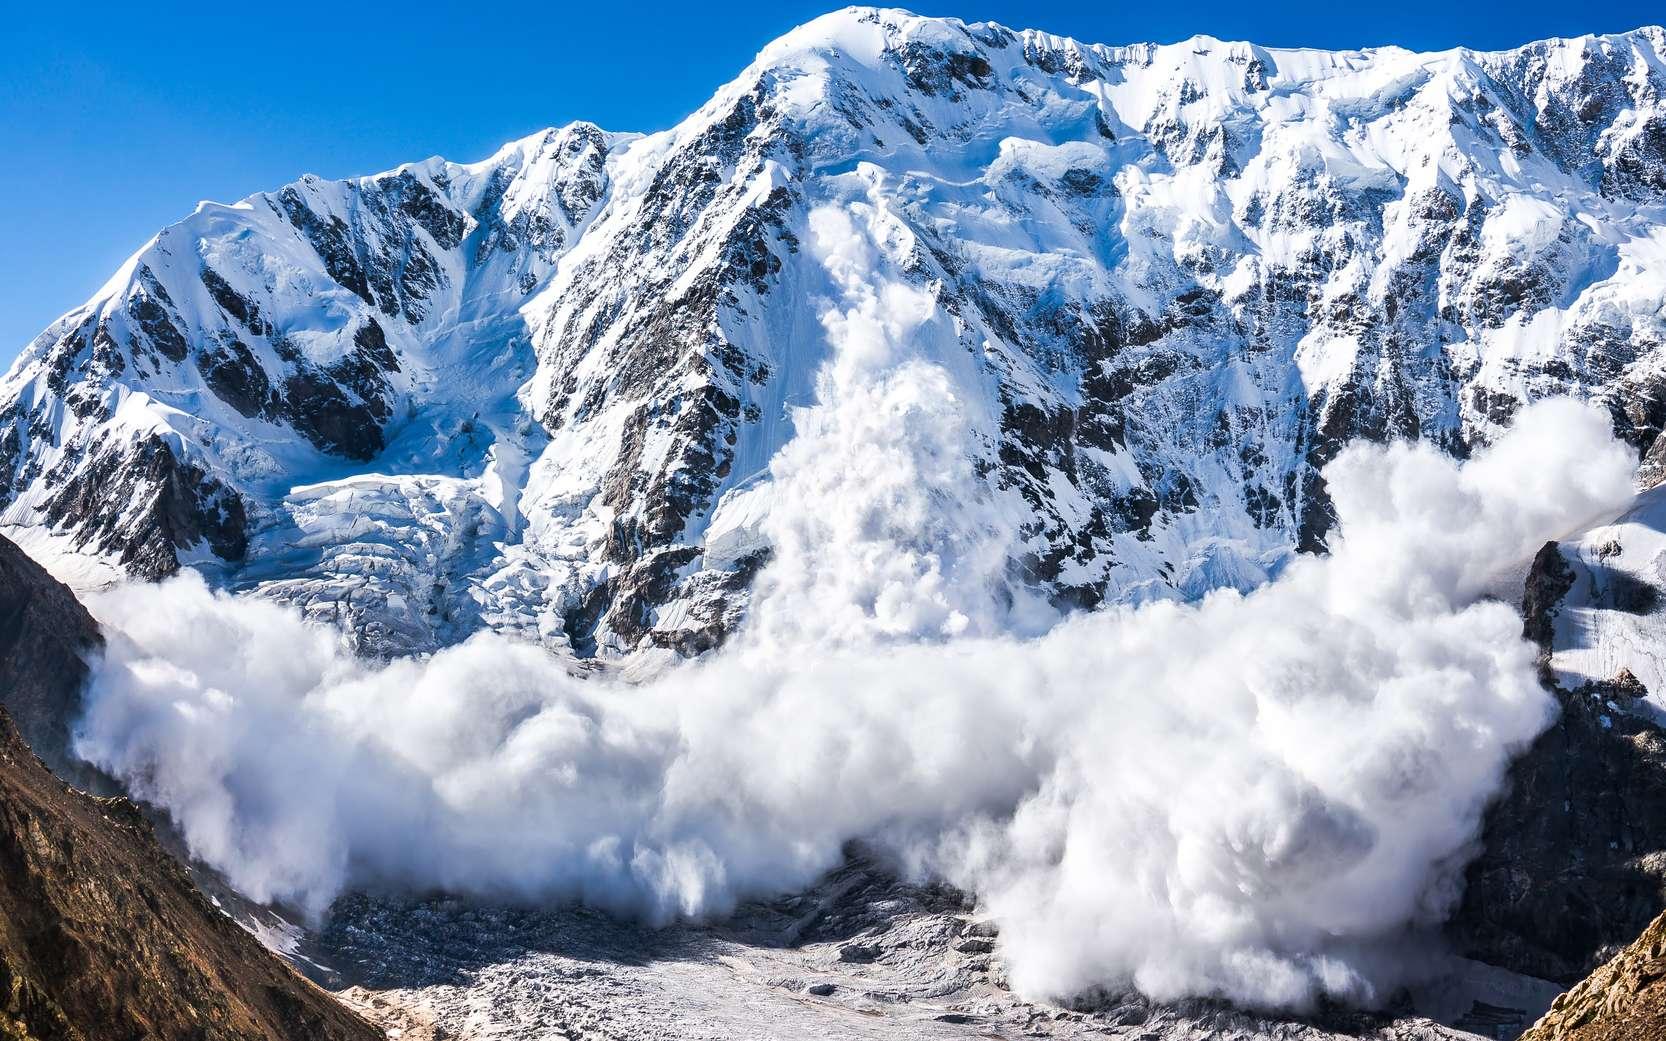 Pour savoir comment se déclenche une avalanche, mieux vaut étudier le manteau neigeux. © nakimori, fotolia